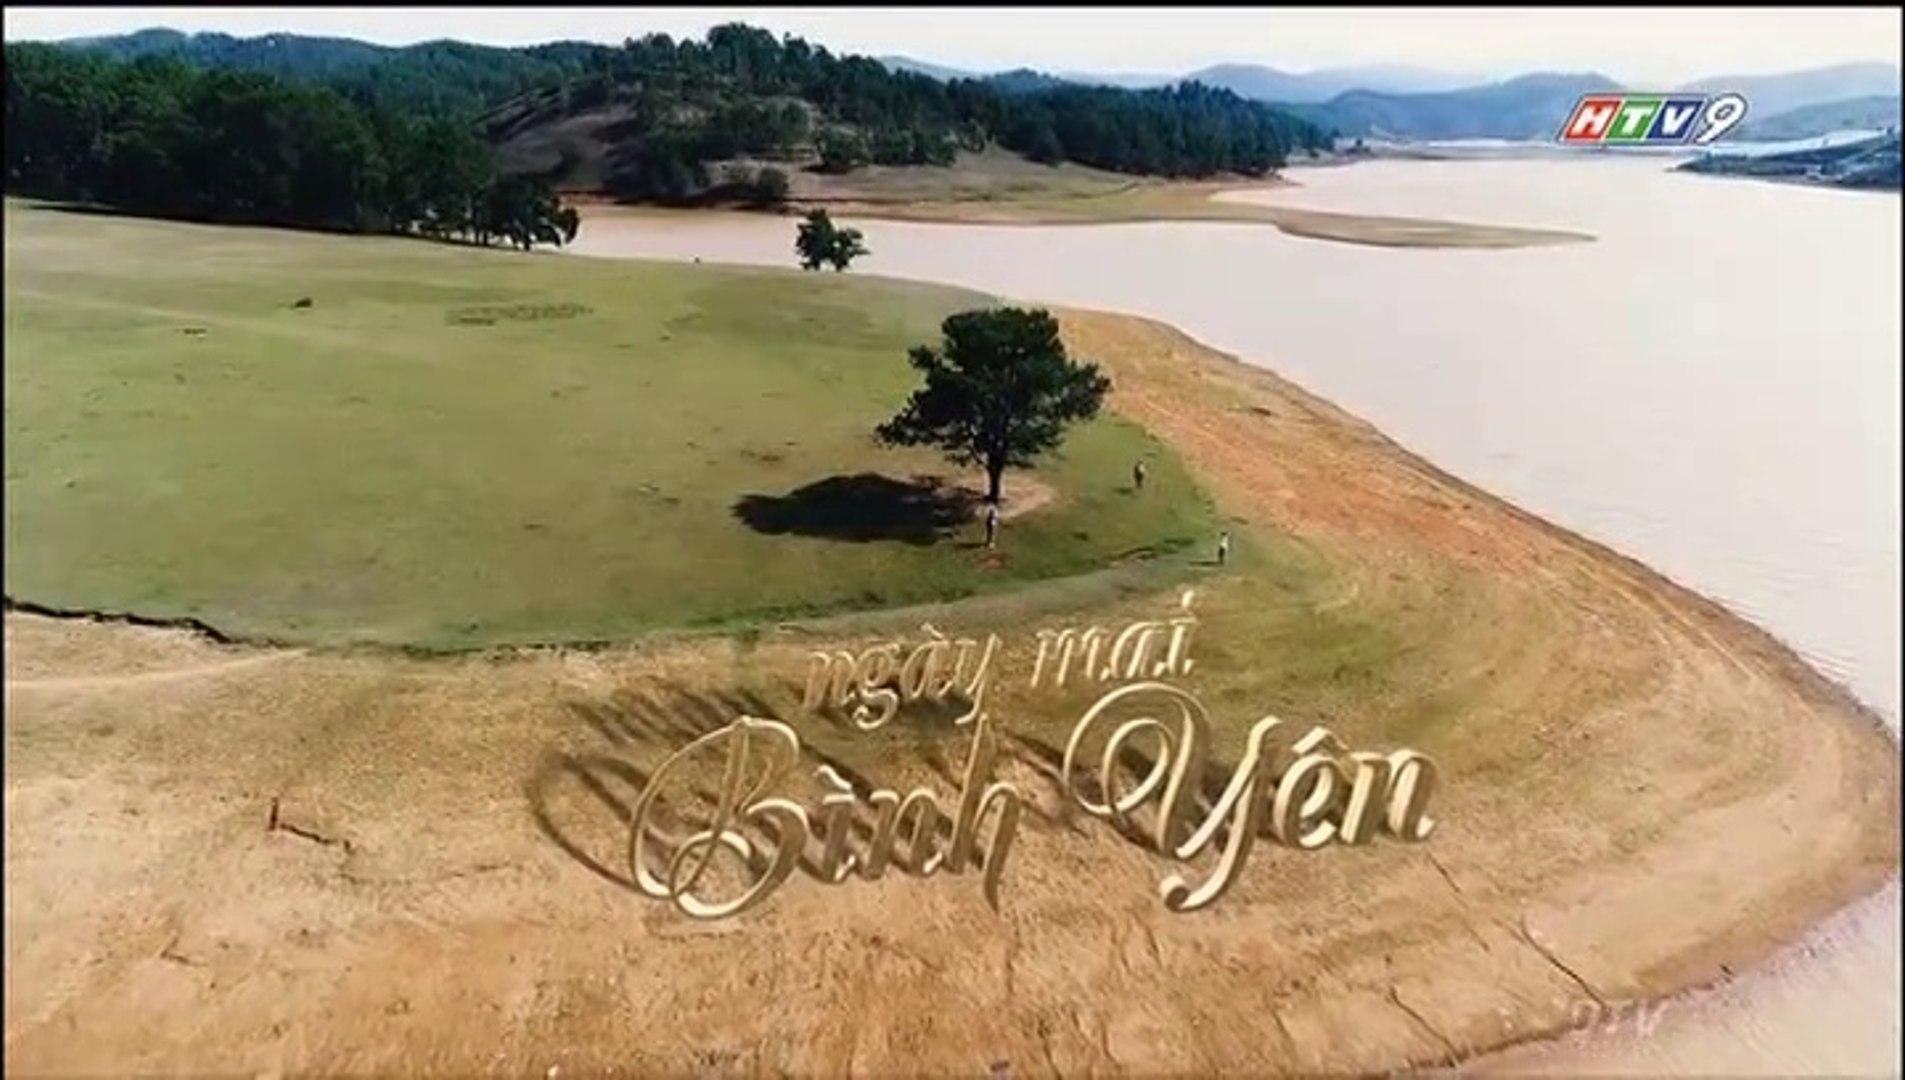 Ngày Mai Bình Yên Tập 2 Full HTV9 | Phim Tình Cảm Việt Nam Hay Nhất 2018 | Ngay Mai Binh Yen Tap 3